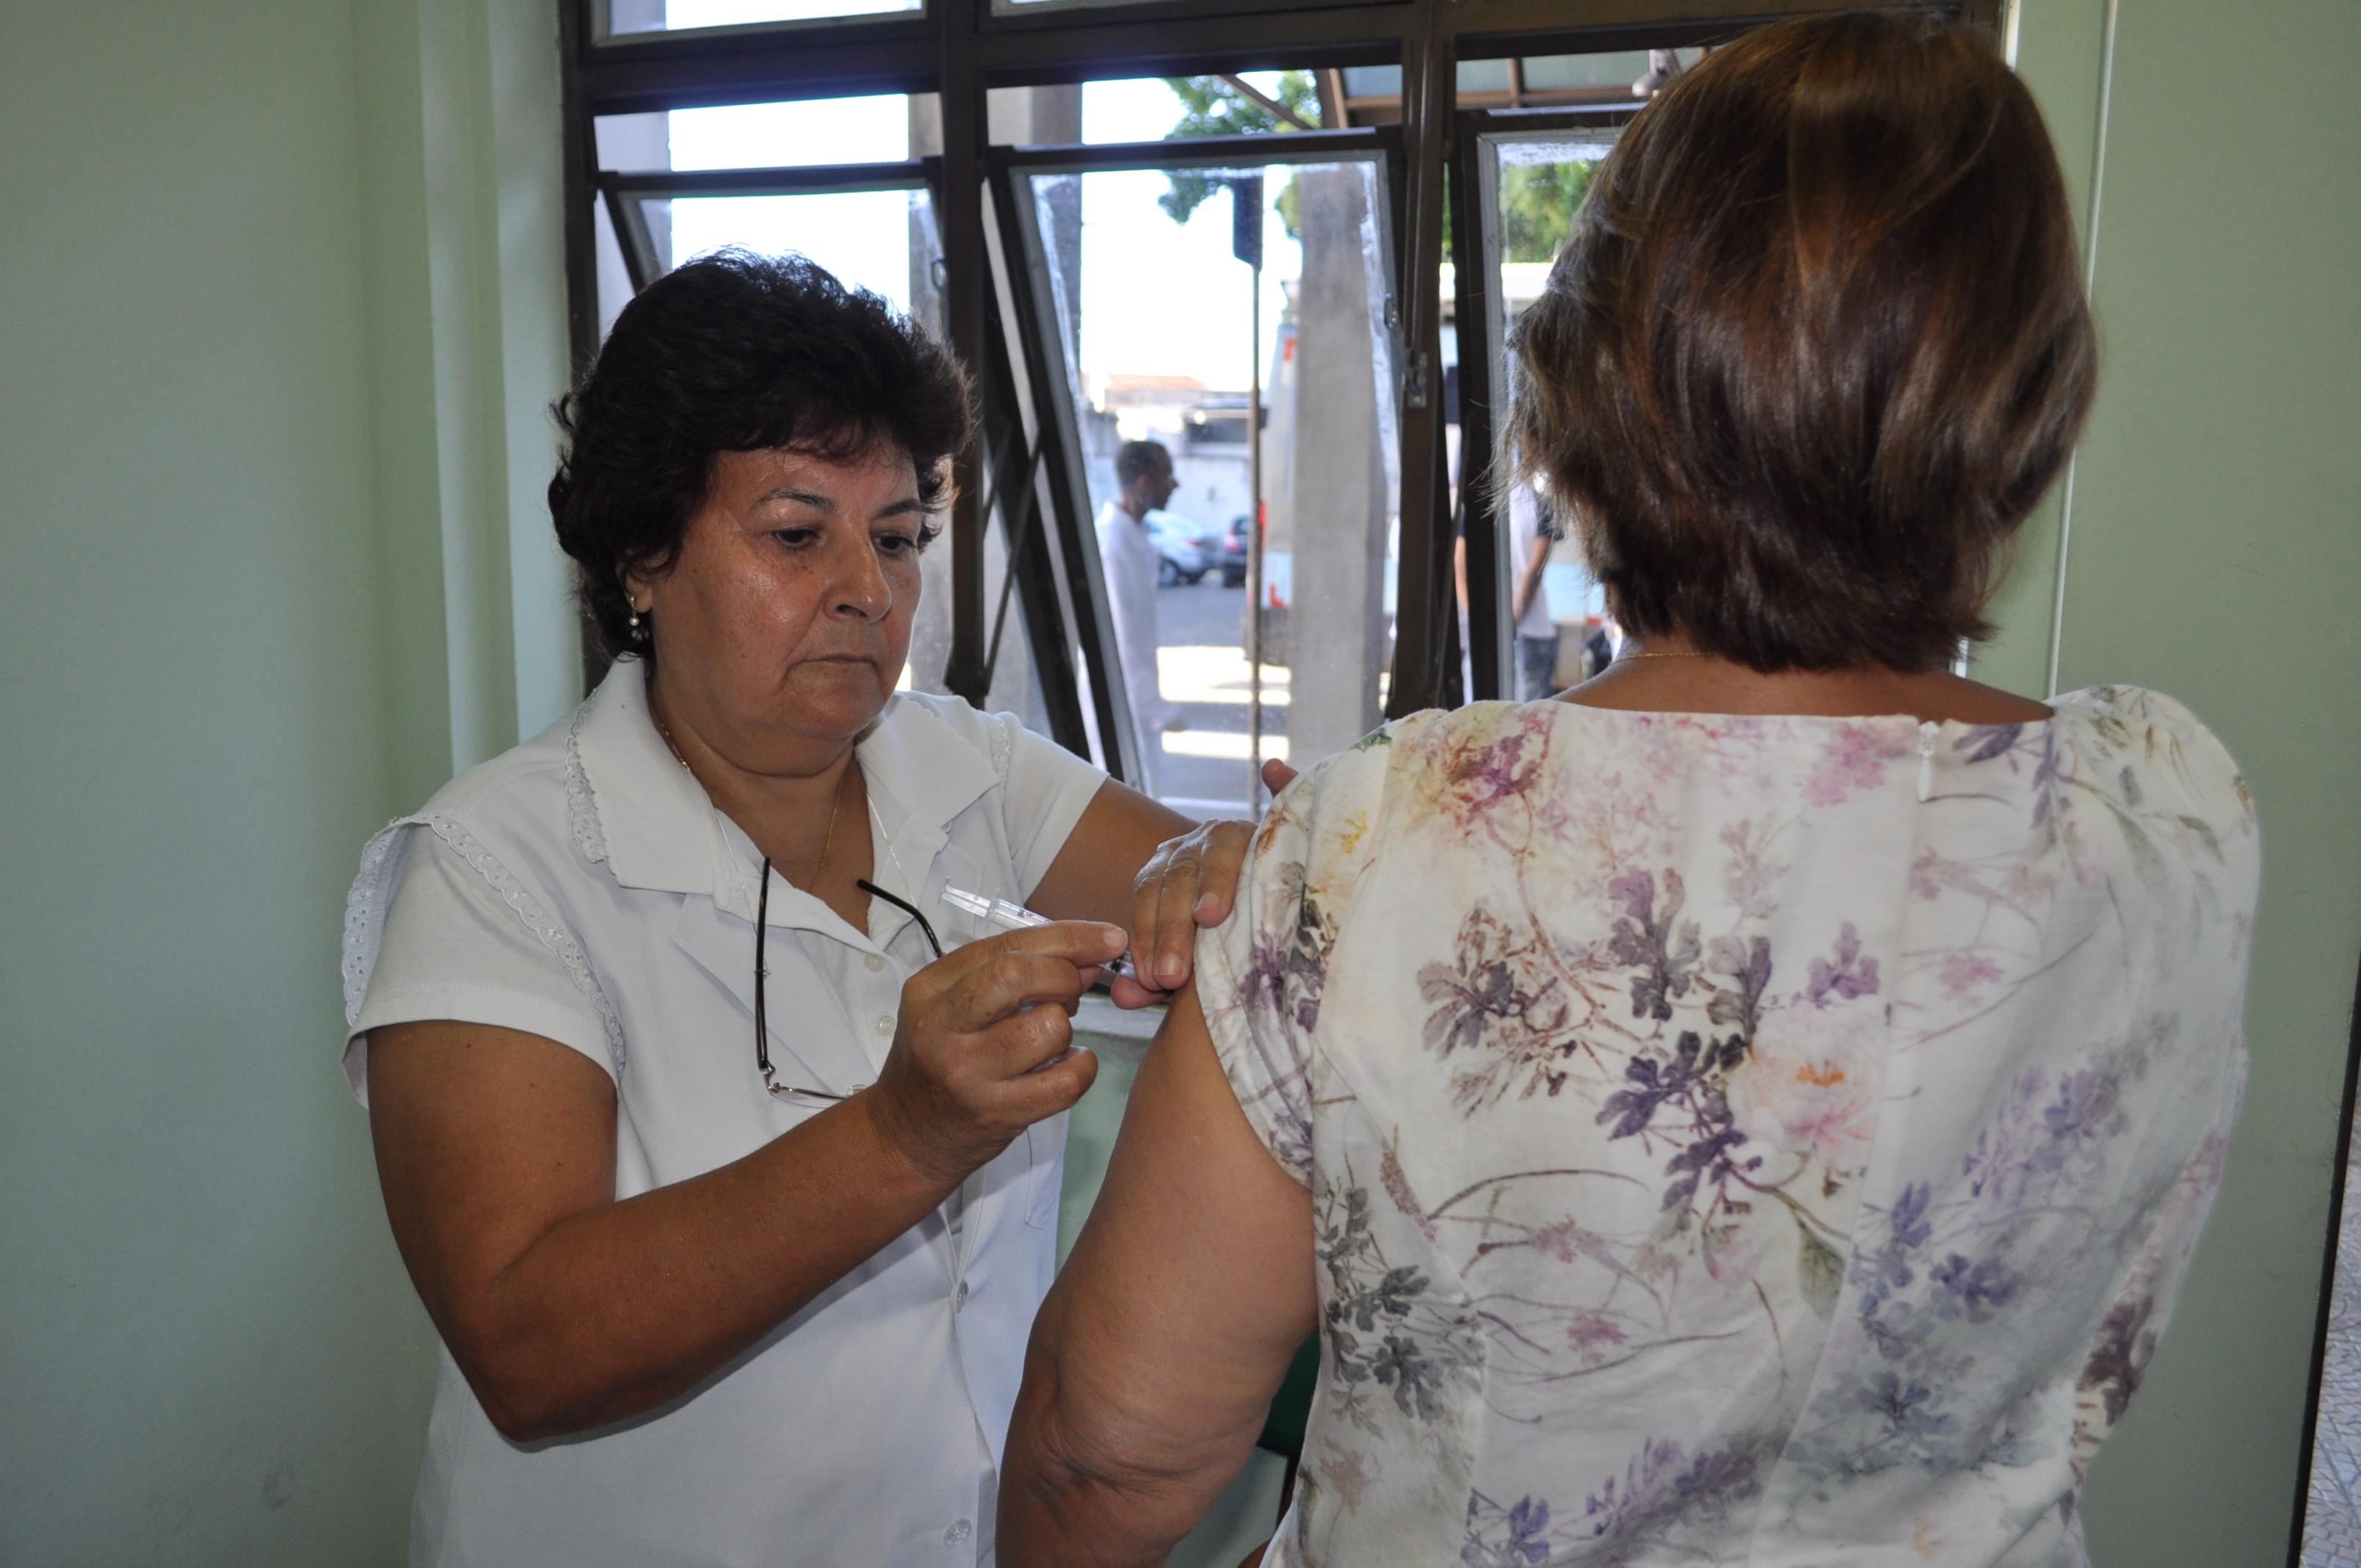 Neste primeiro momento o Público Alvo são integrantes do grupo prioritário formado por pessoas com 60 anos ou mais de idade